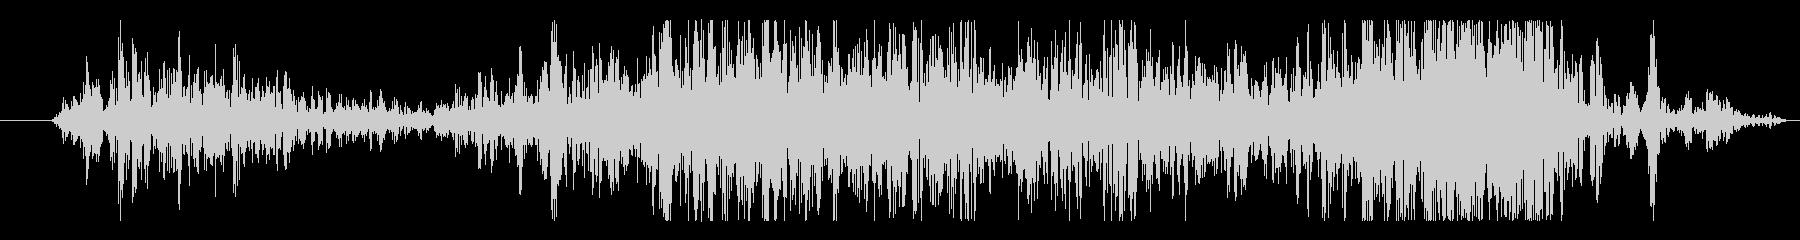 石 ゲートクローズ01の未再生の波形